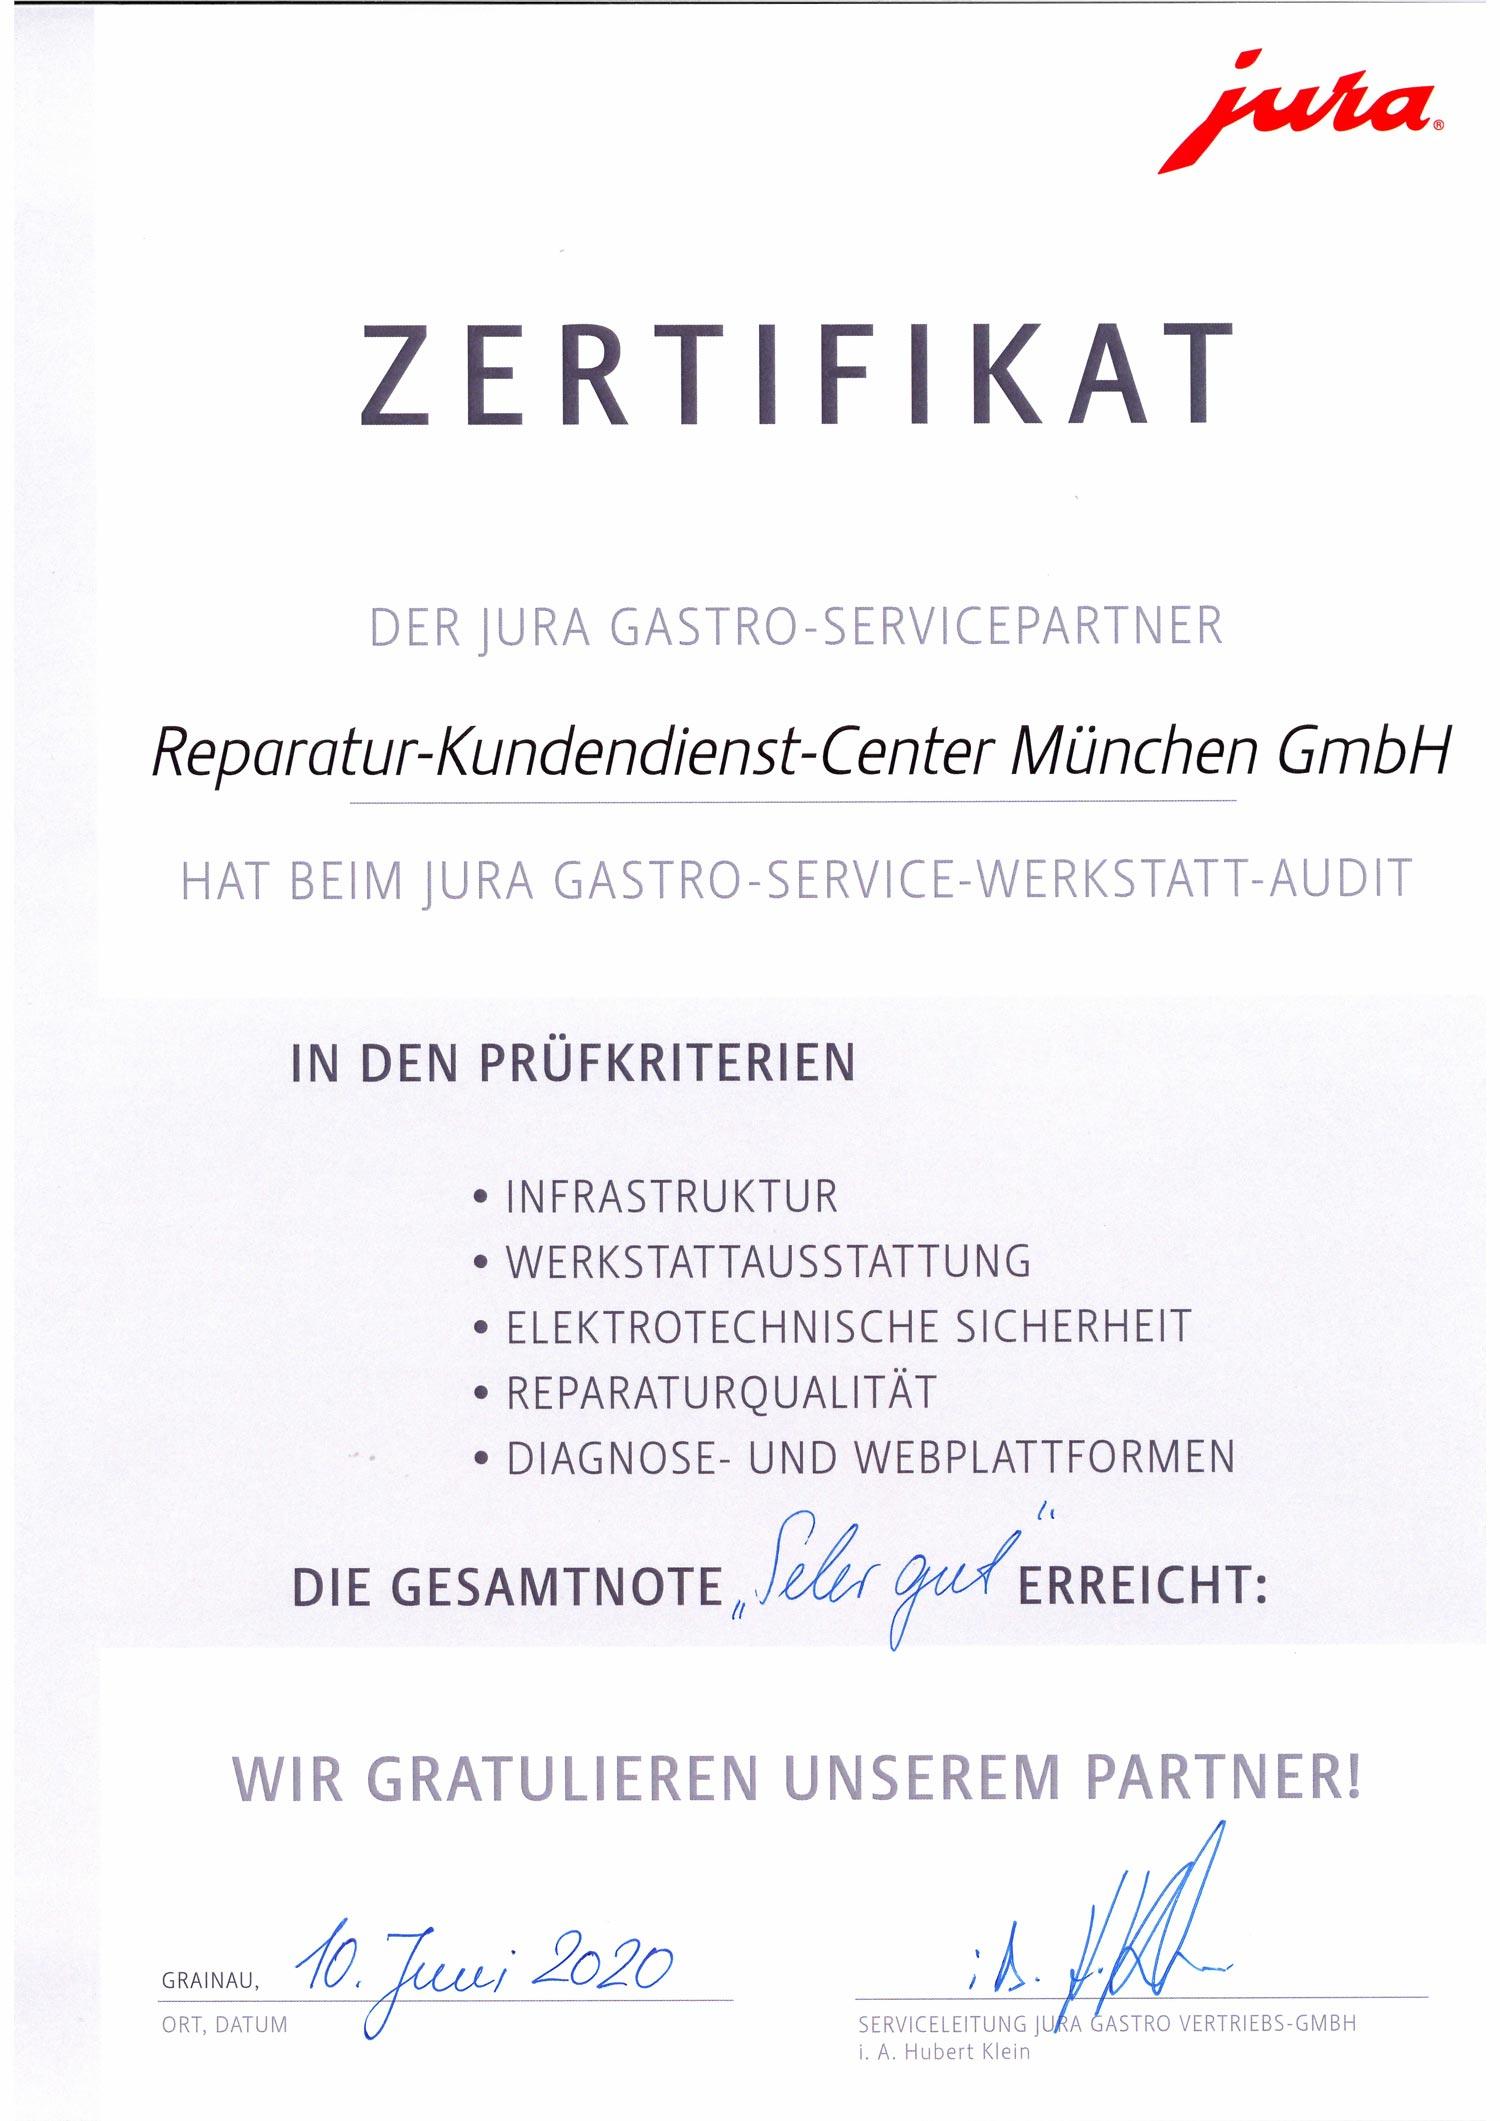 Jura Zertifikat - Kaffeemaschinen Reparatur Kundendienst Froschkönig München